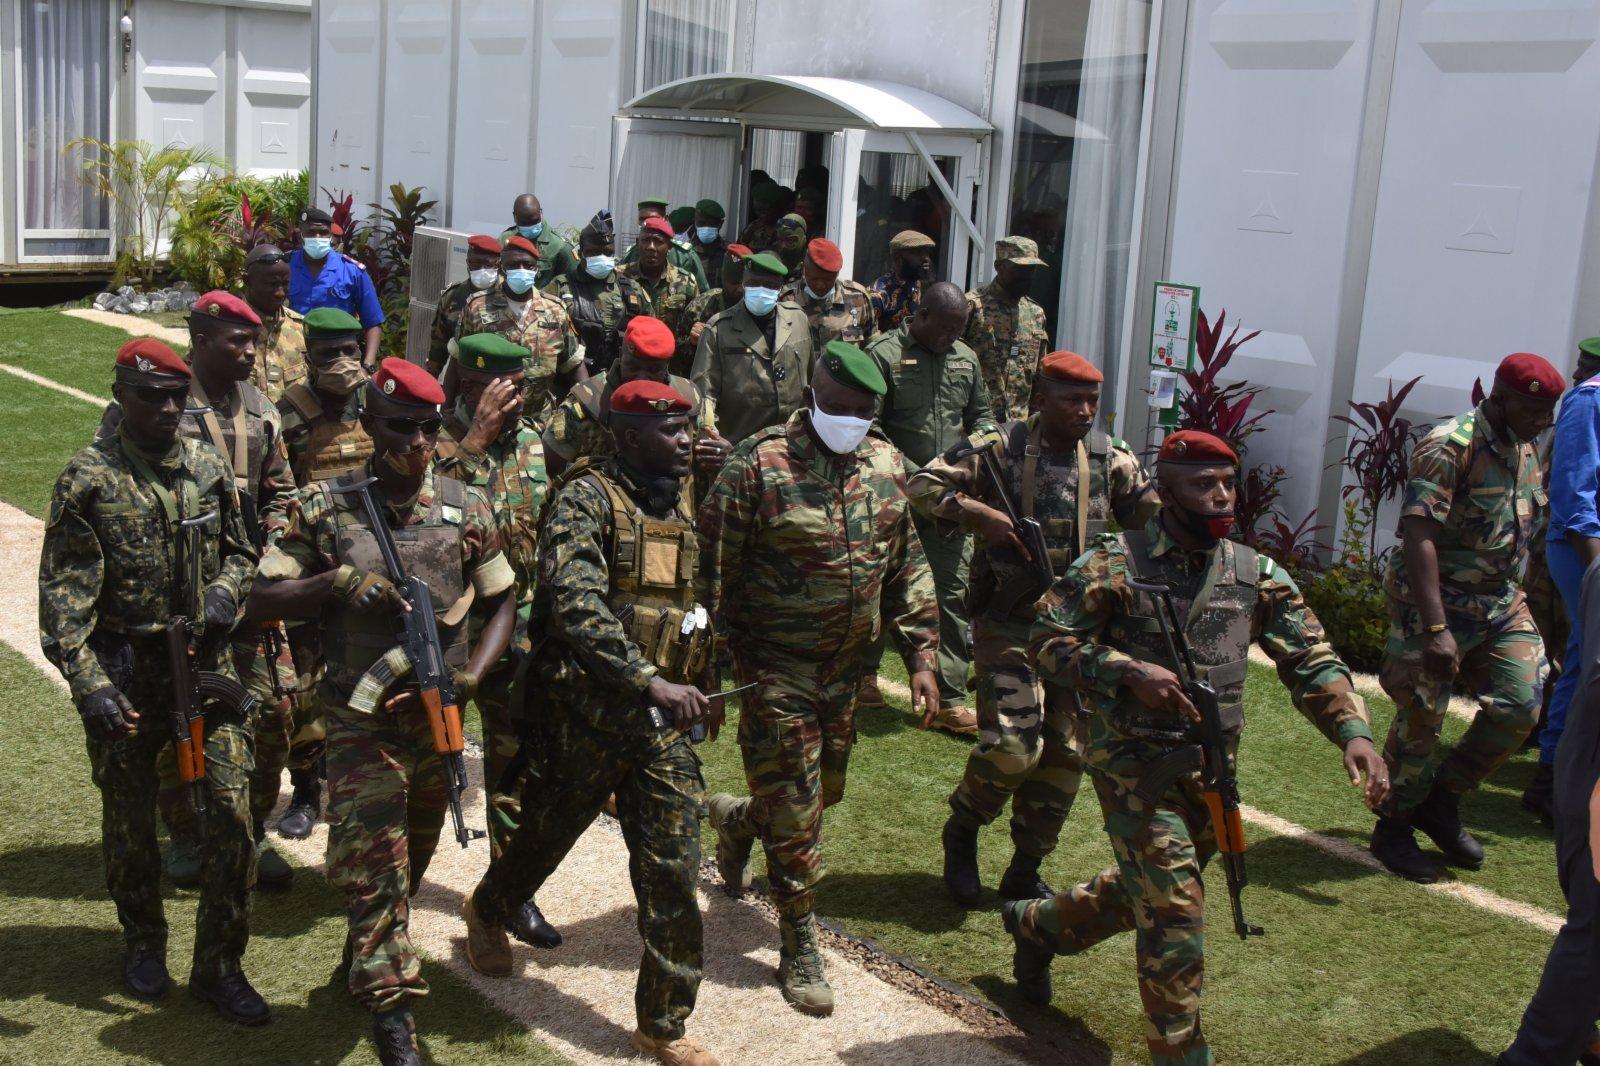 這是9月6日在幾內亞科納克里拍攝的政變軍隊。新華社